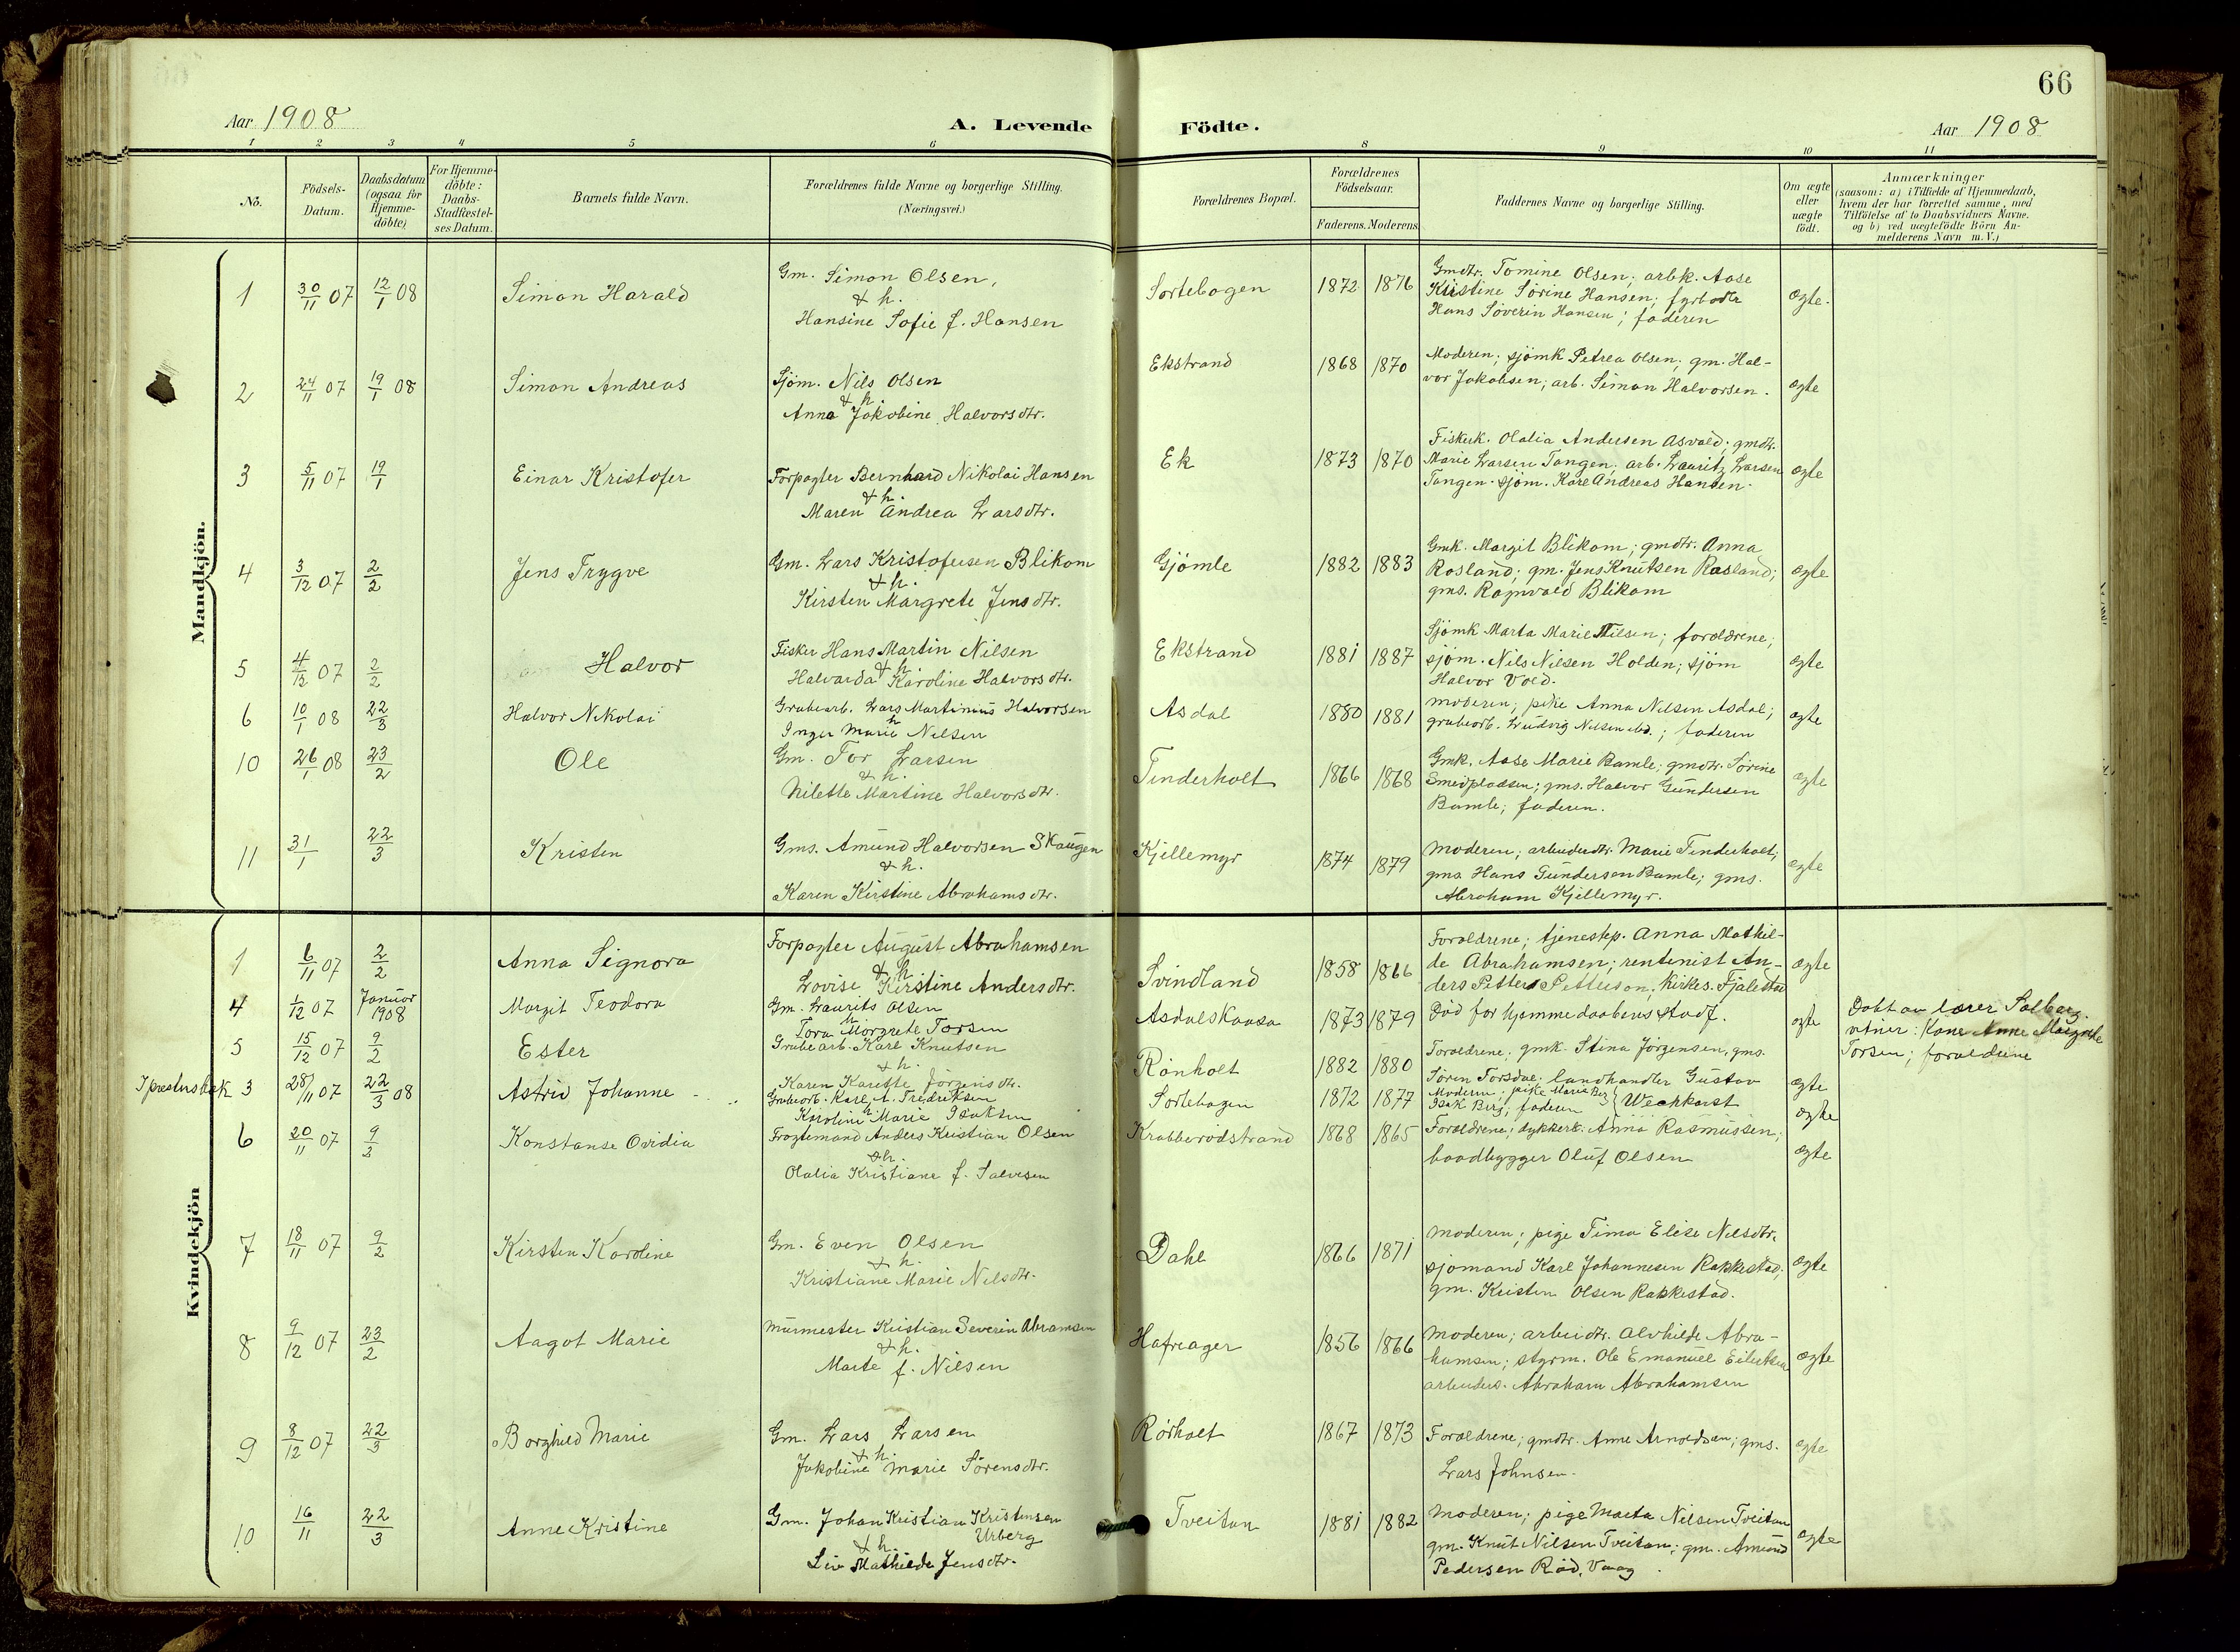 SAKO, Bamble kirkebøker, G/Ga/L0010: Klokkerbok nr. I 10, 1901-1919, s. 66